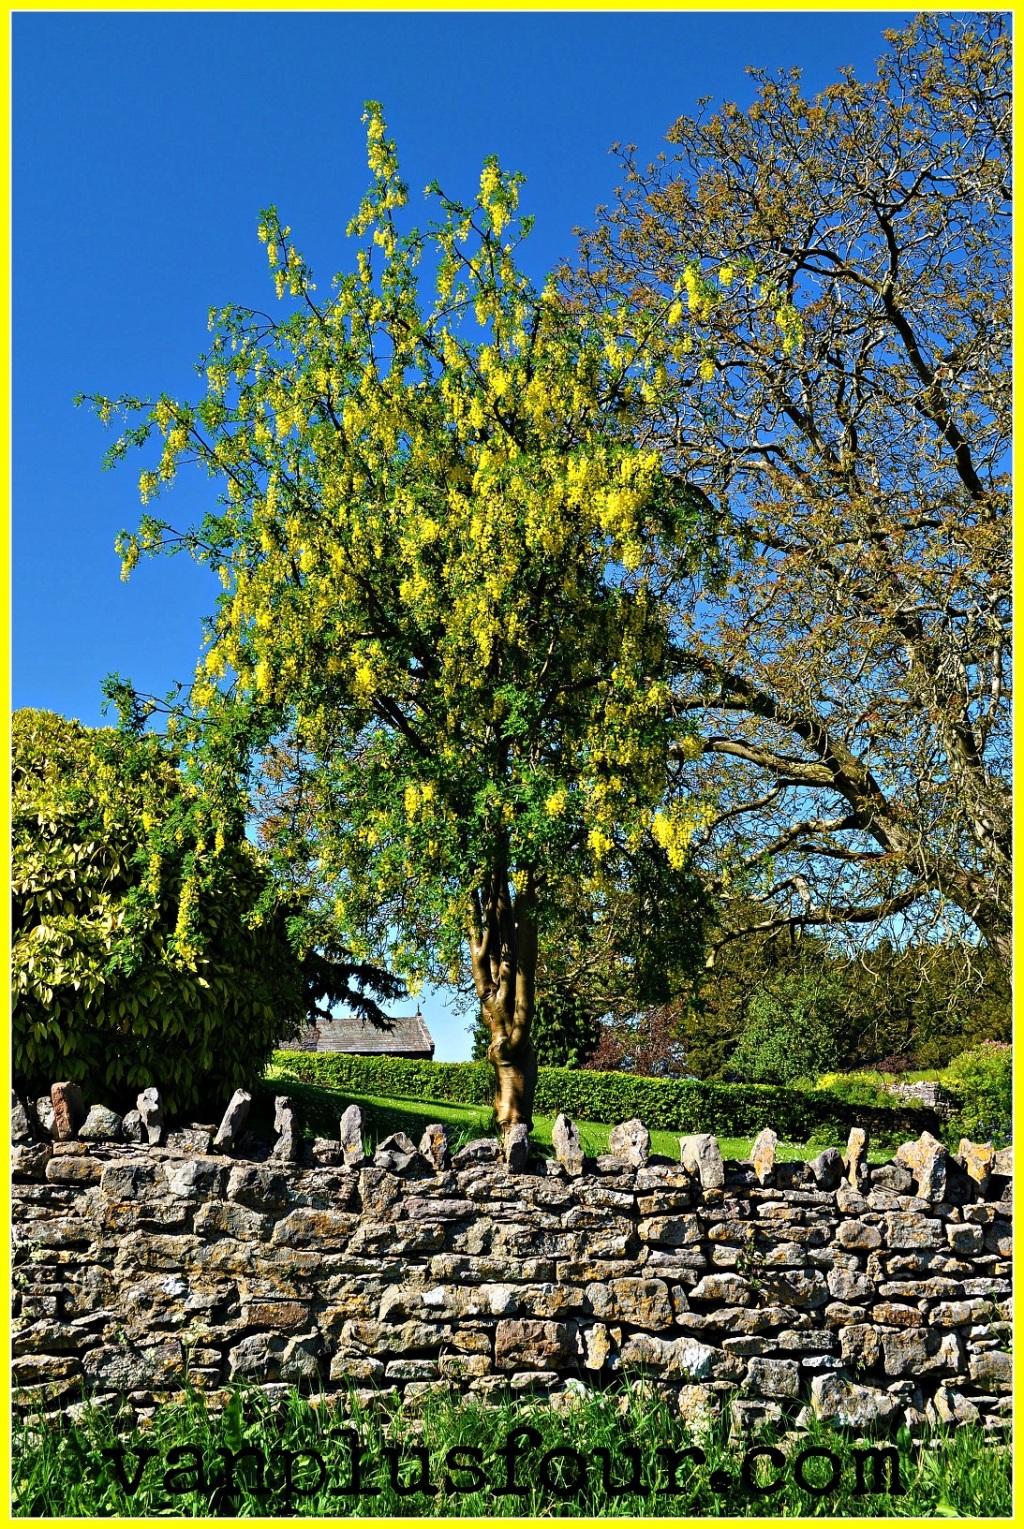 Morland in Cumbria